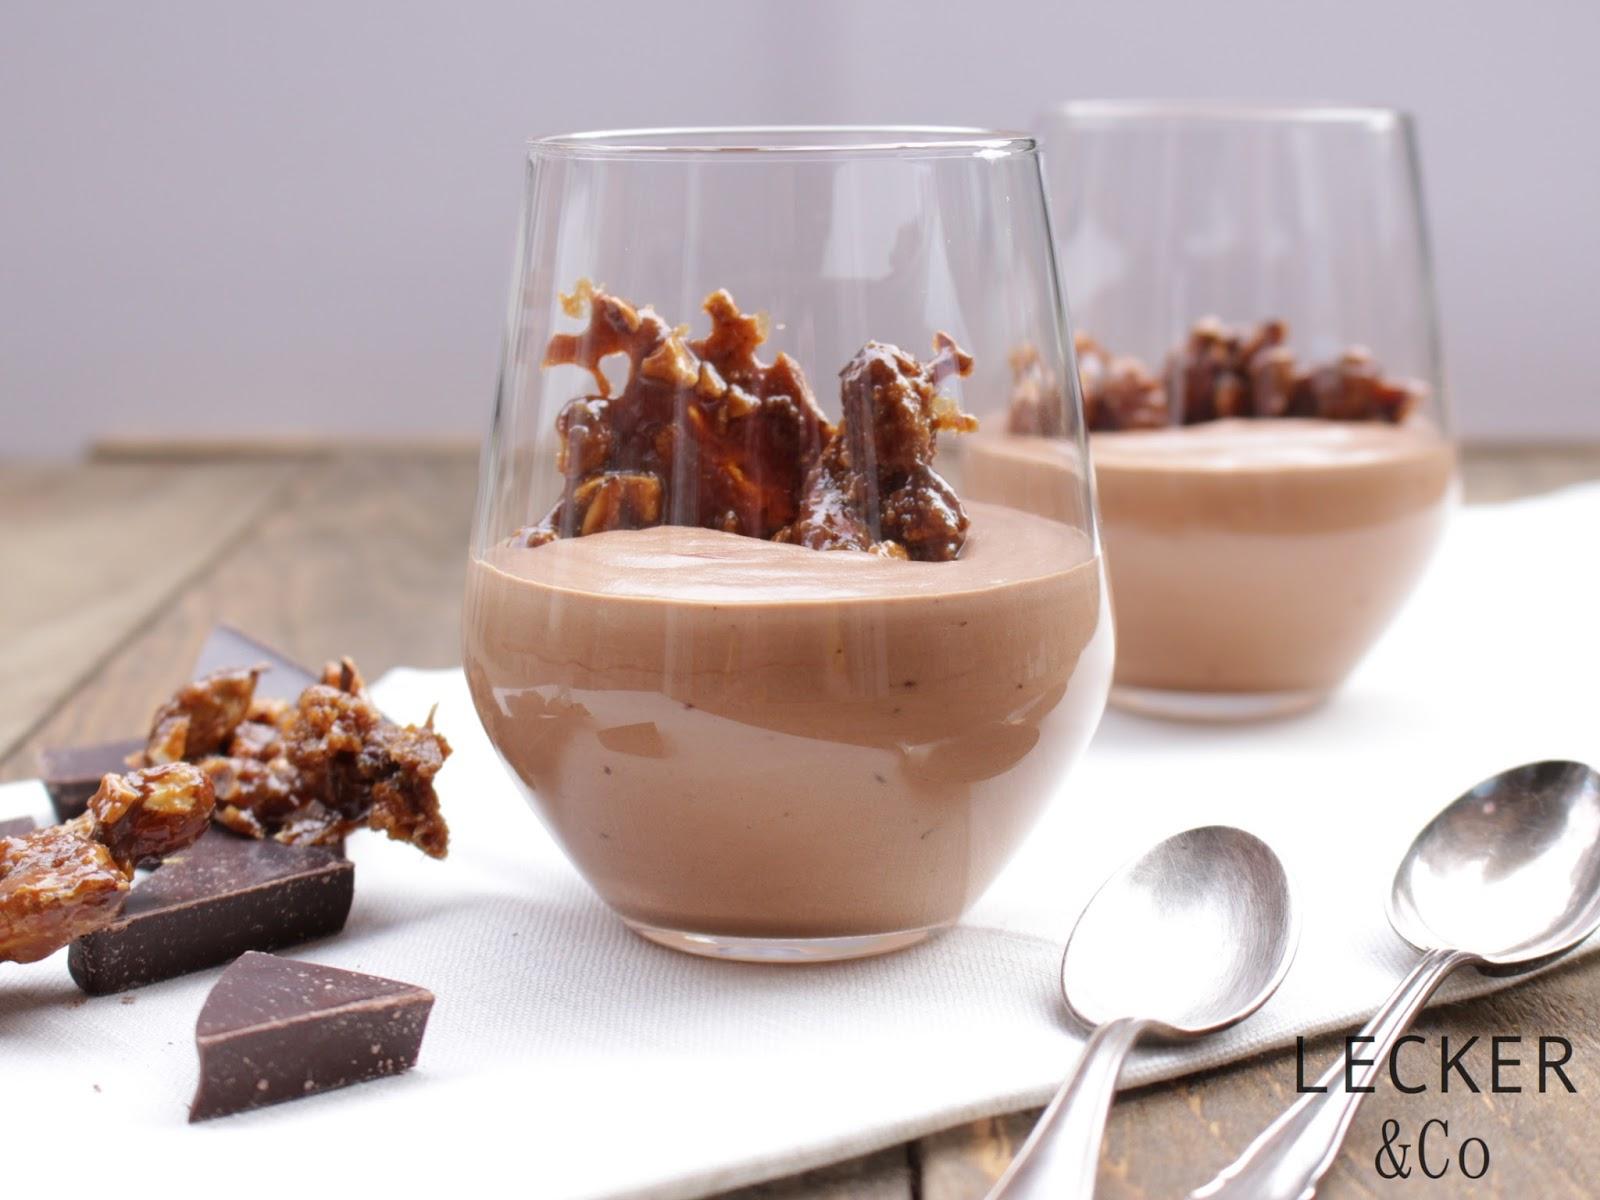 lecker co foodblog aus n rnberg mousse au chocolat mit balsamico und mandelkrokant mousse. Black Bedroom Furniture Sets. Home Design Ideas